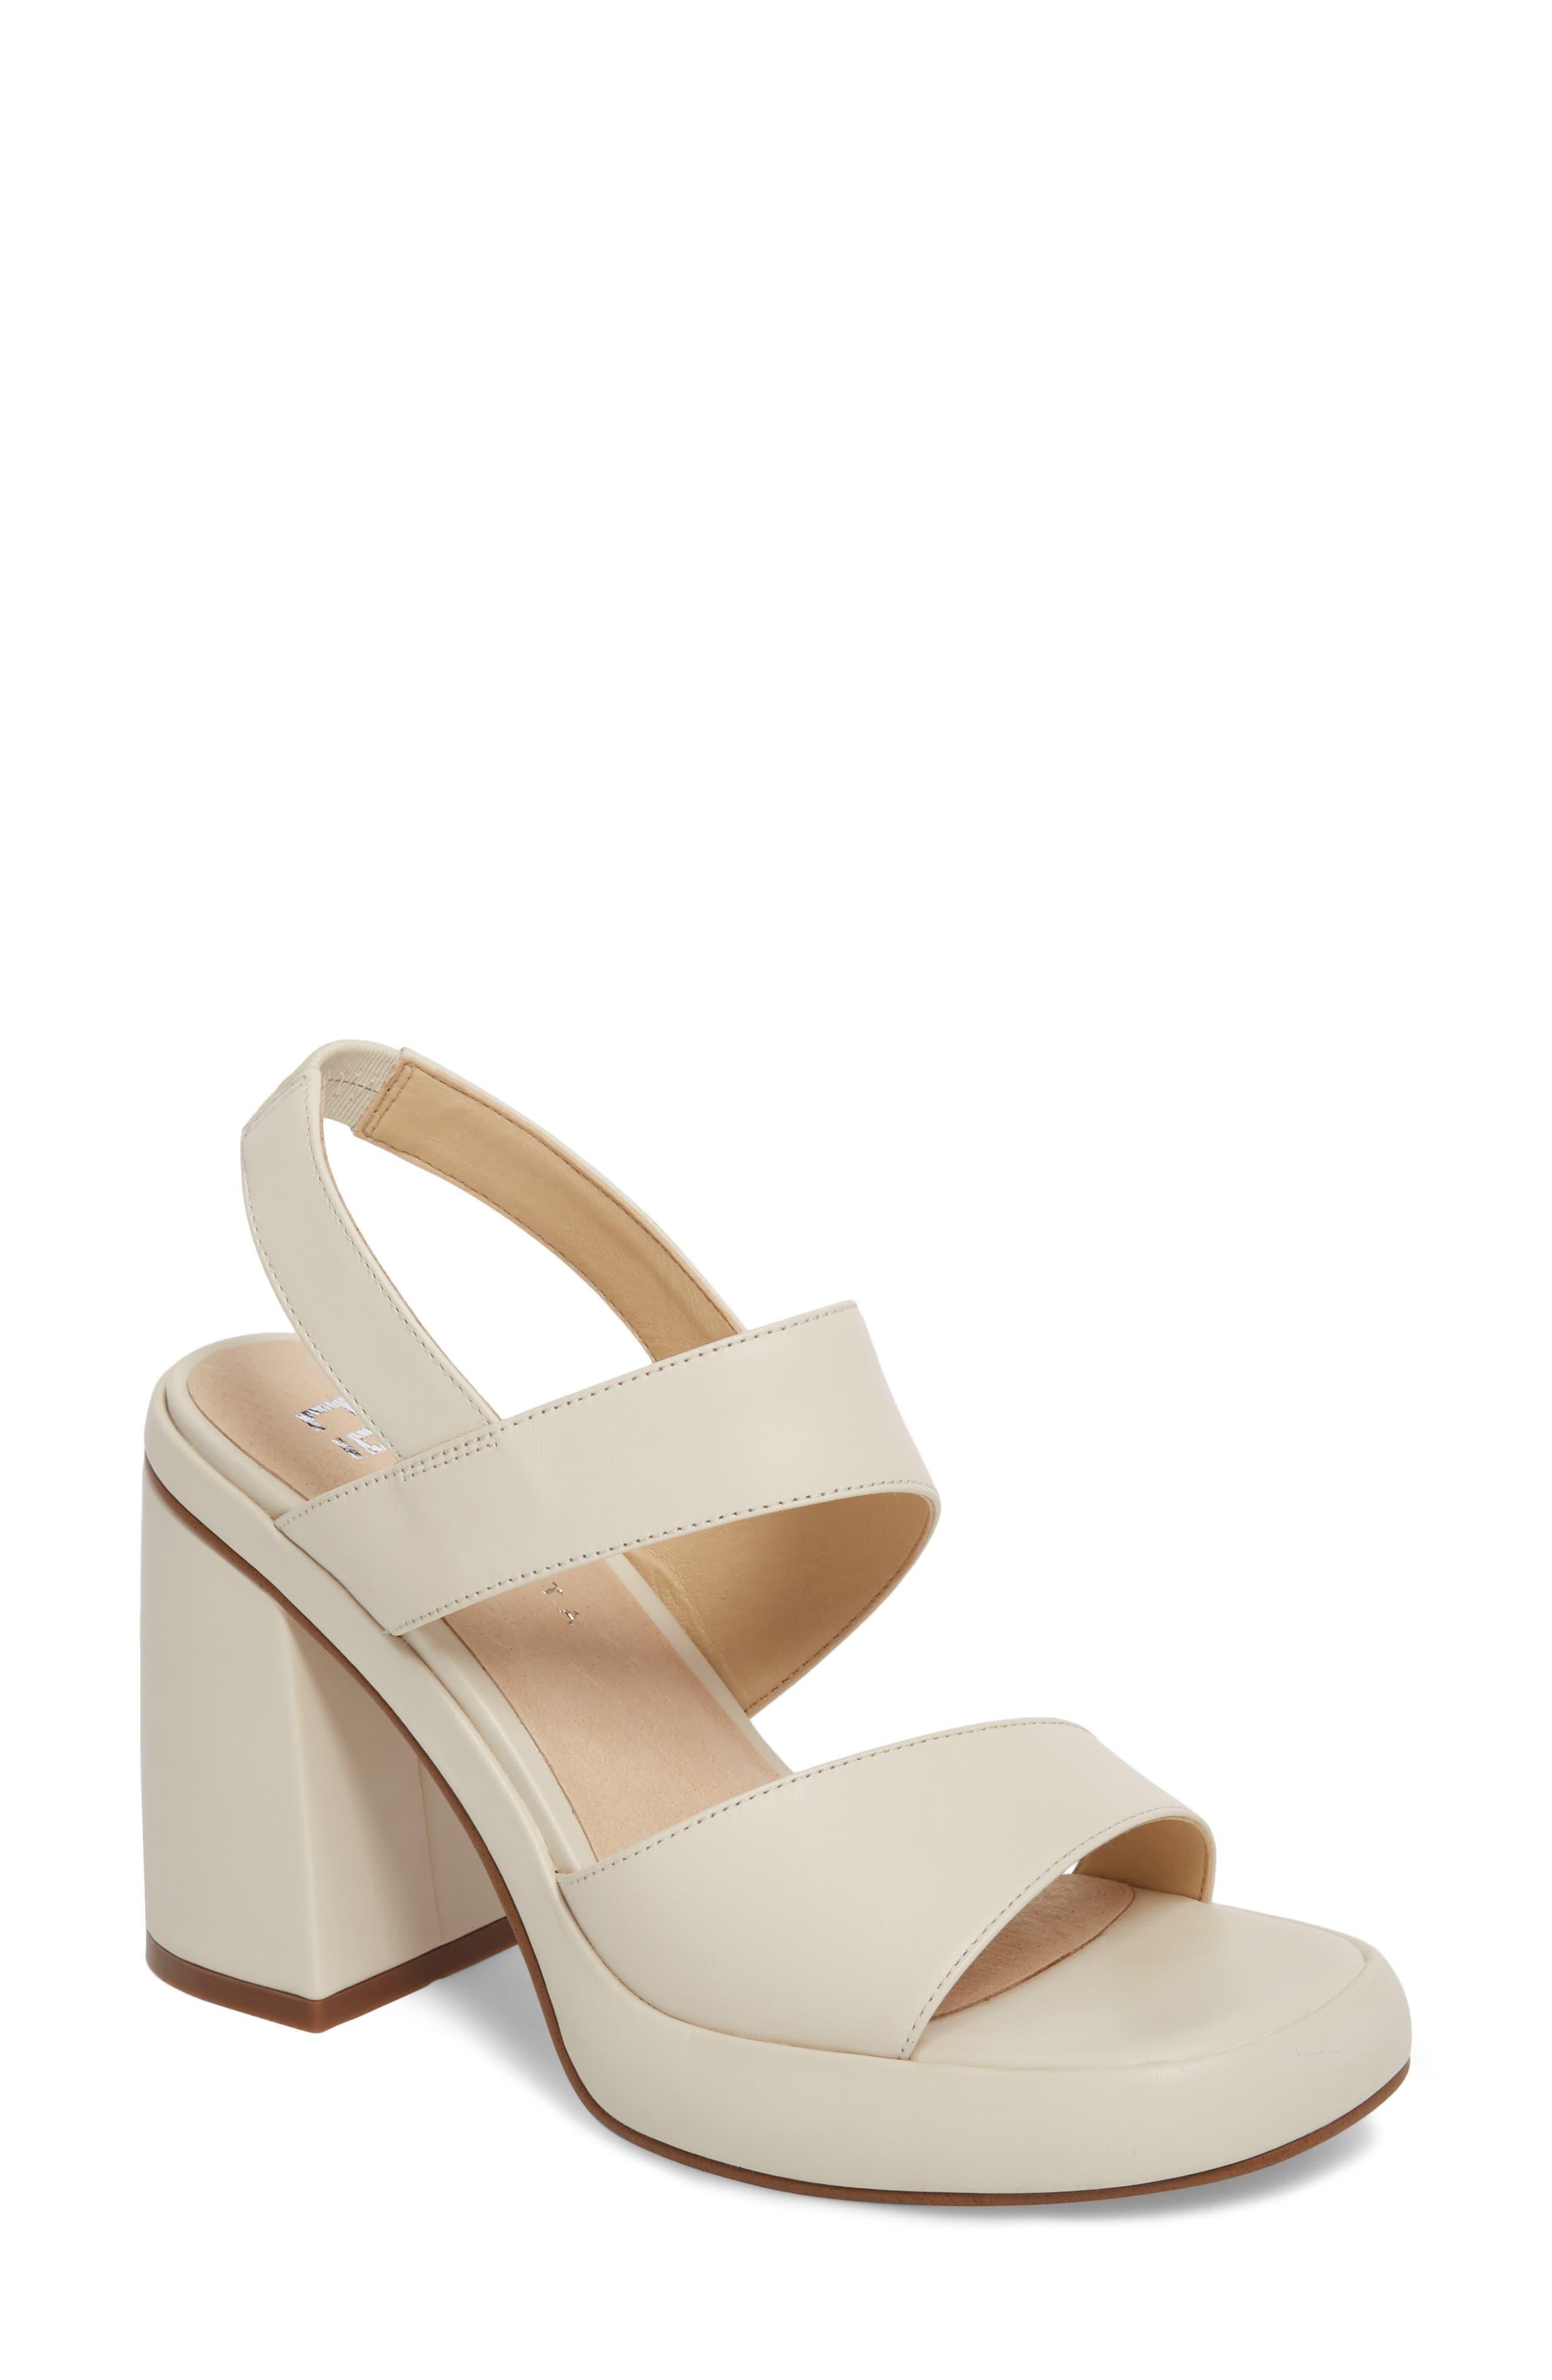 E8 by Miista Block Heel Sandal (Women)